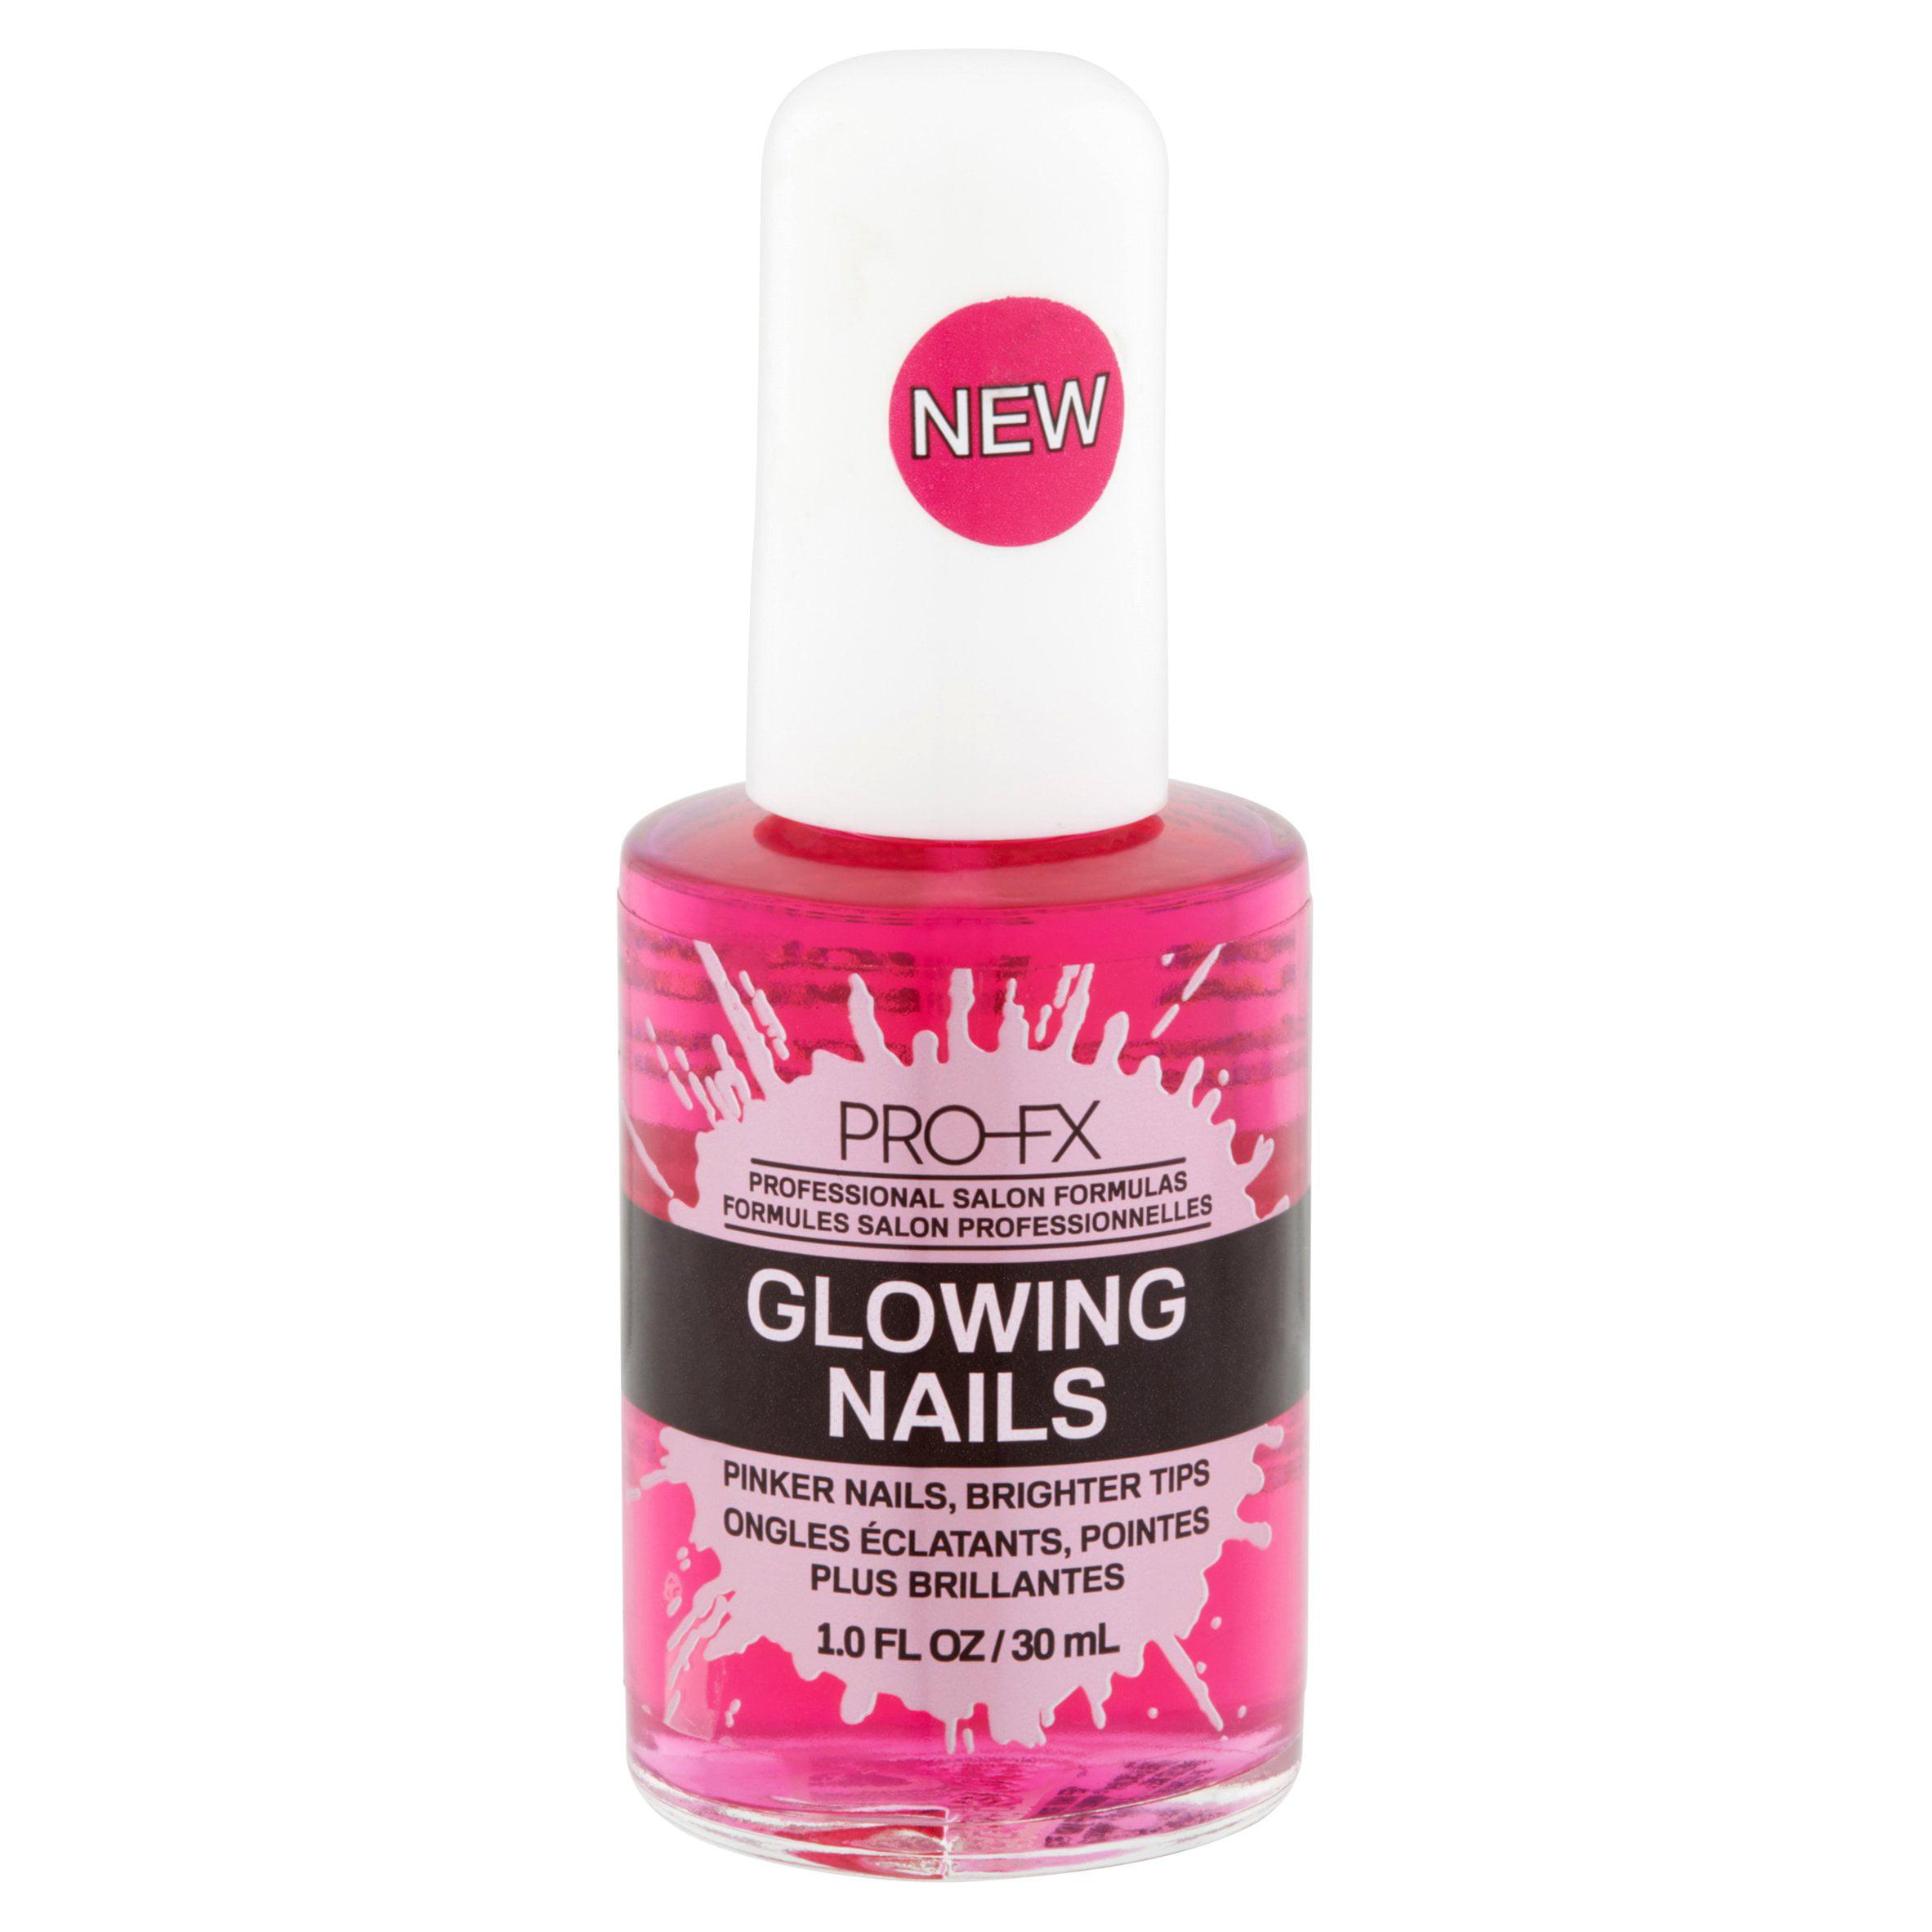 Pro-Fx, 196 Glowing Nails, 1.0 fl oz - Walmart.com